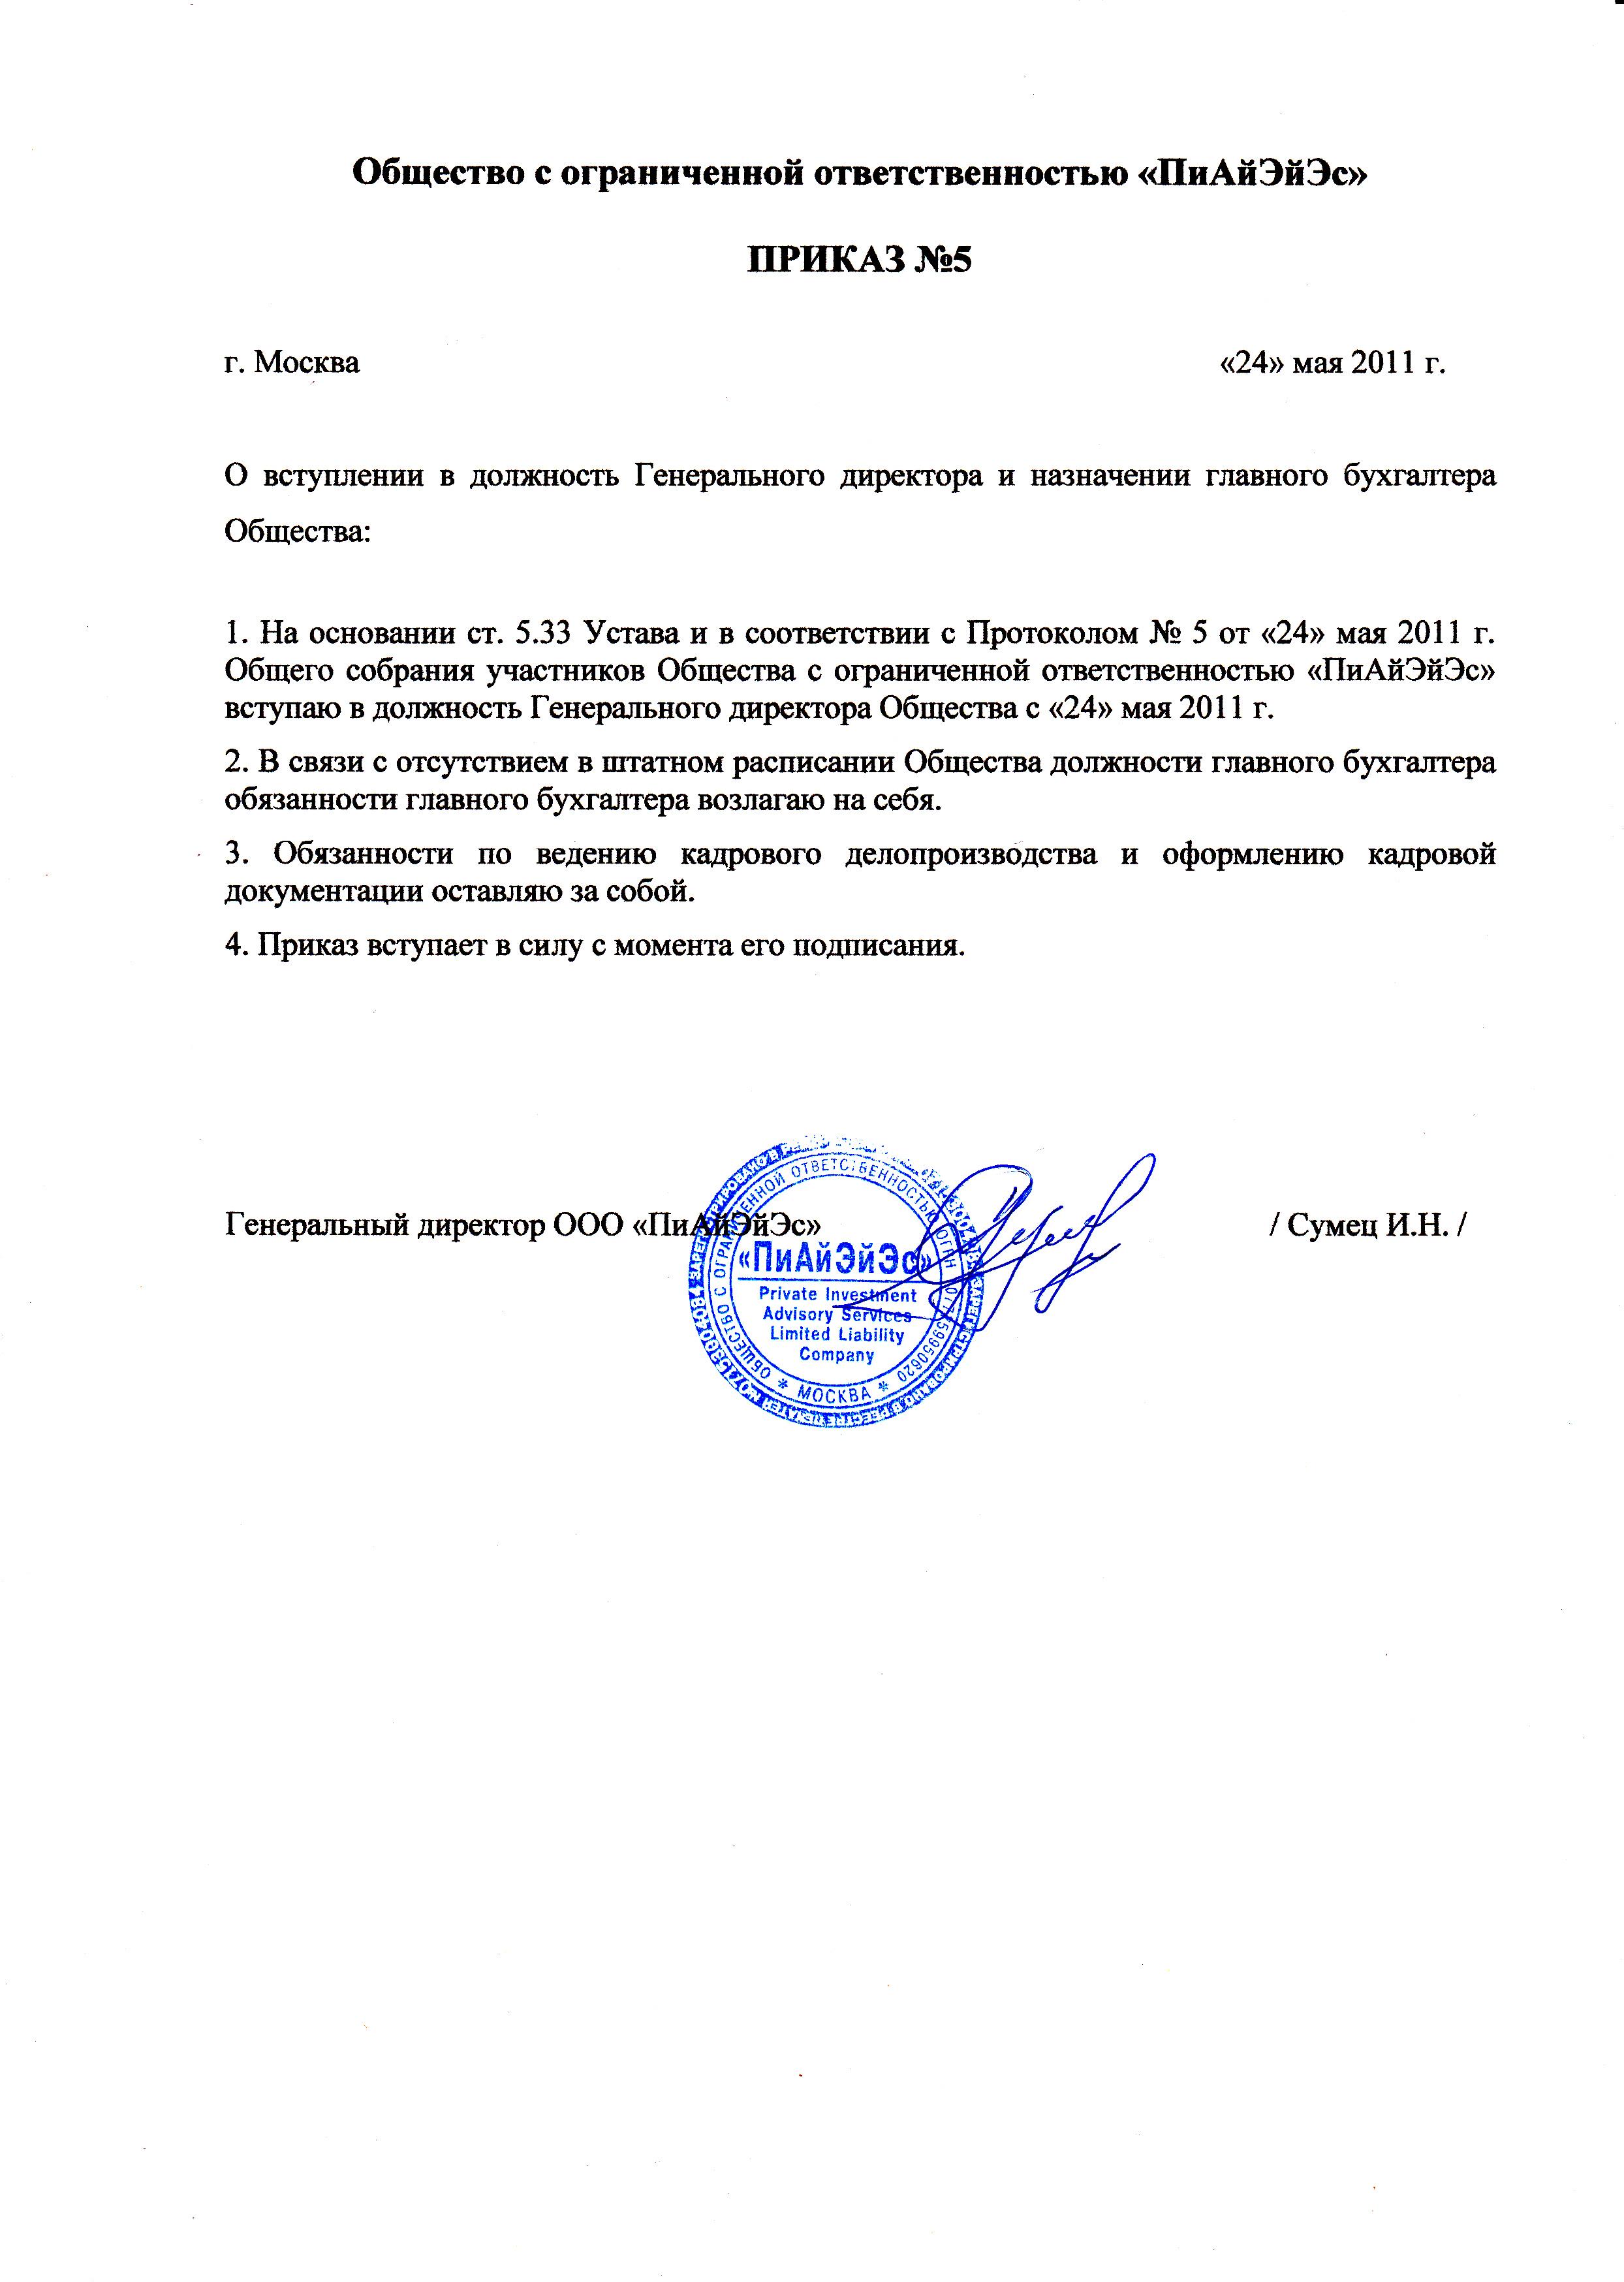 Россия: Кого судебные приставы могут не пустить